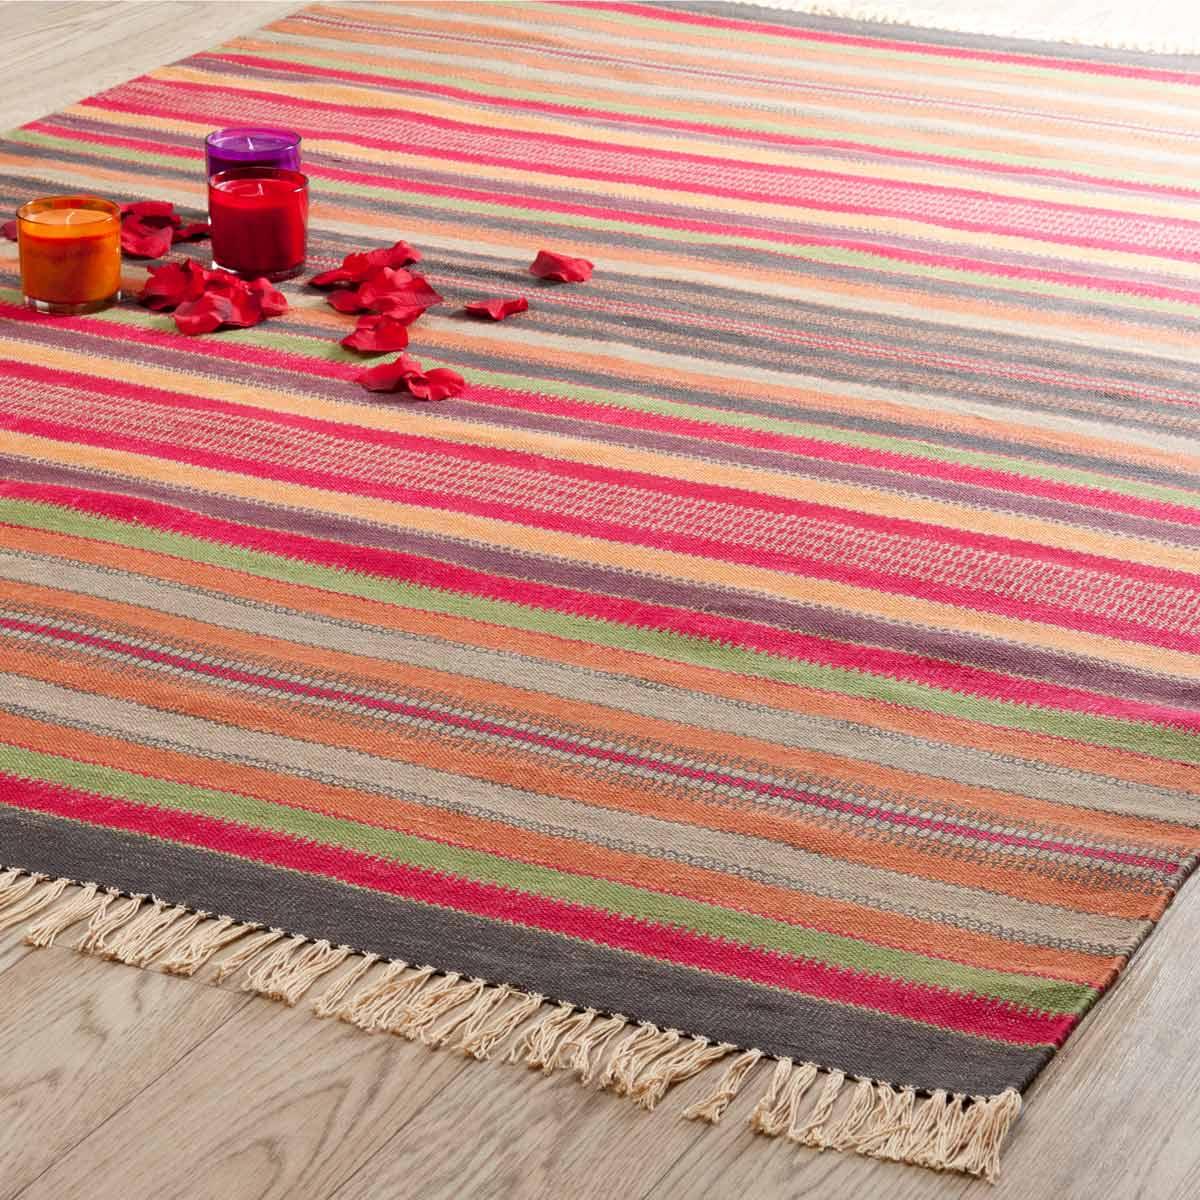 tapis multicolore maison du monde tapis peau de vache maison du monde. Black Bedroom Furniture Sets. Home Design Ideas